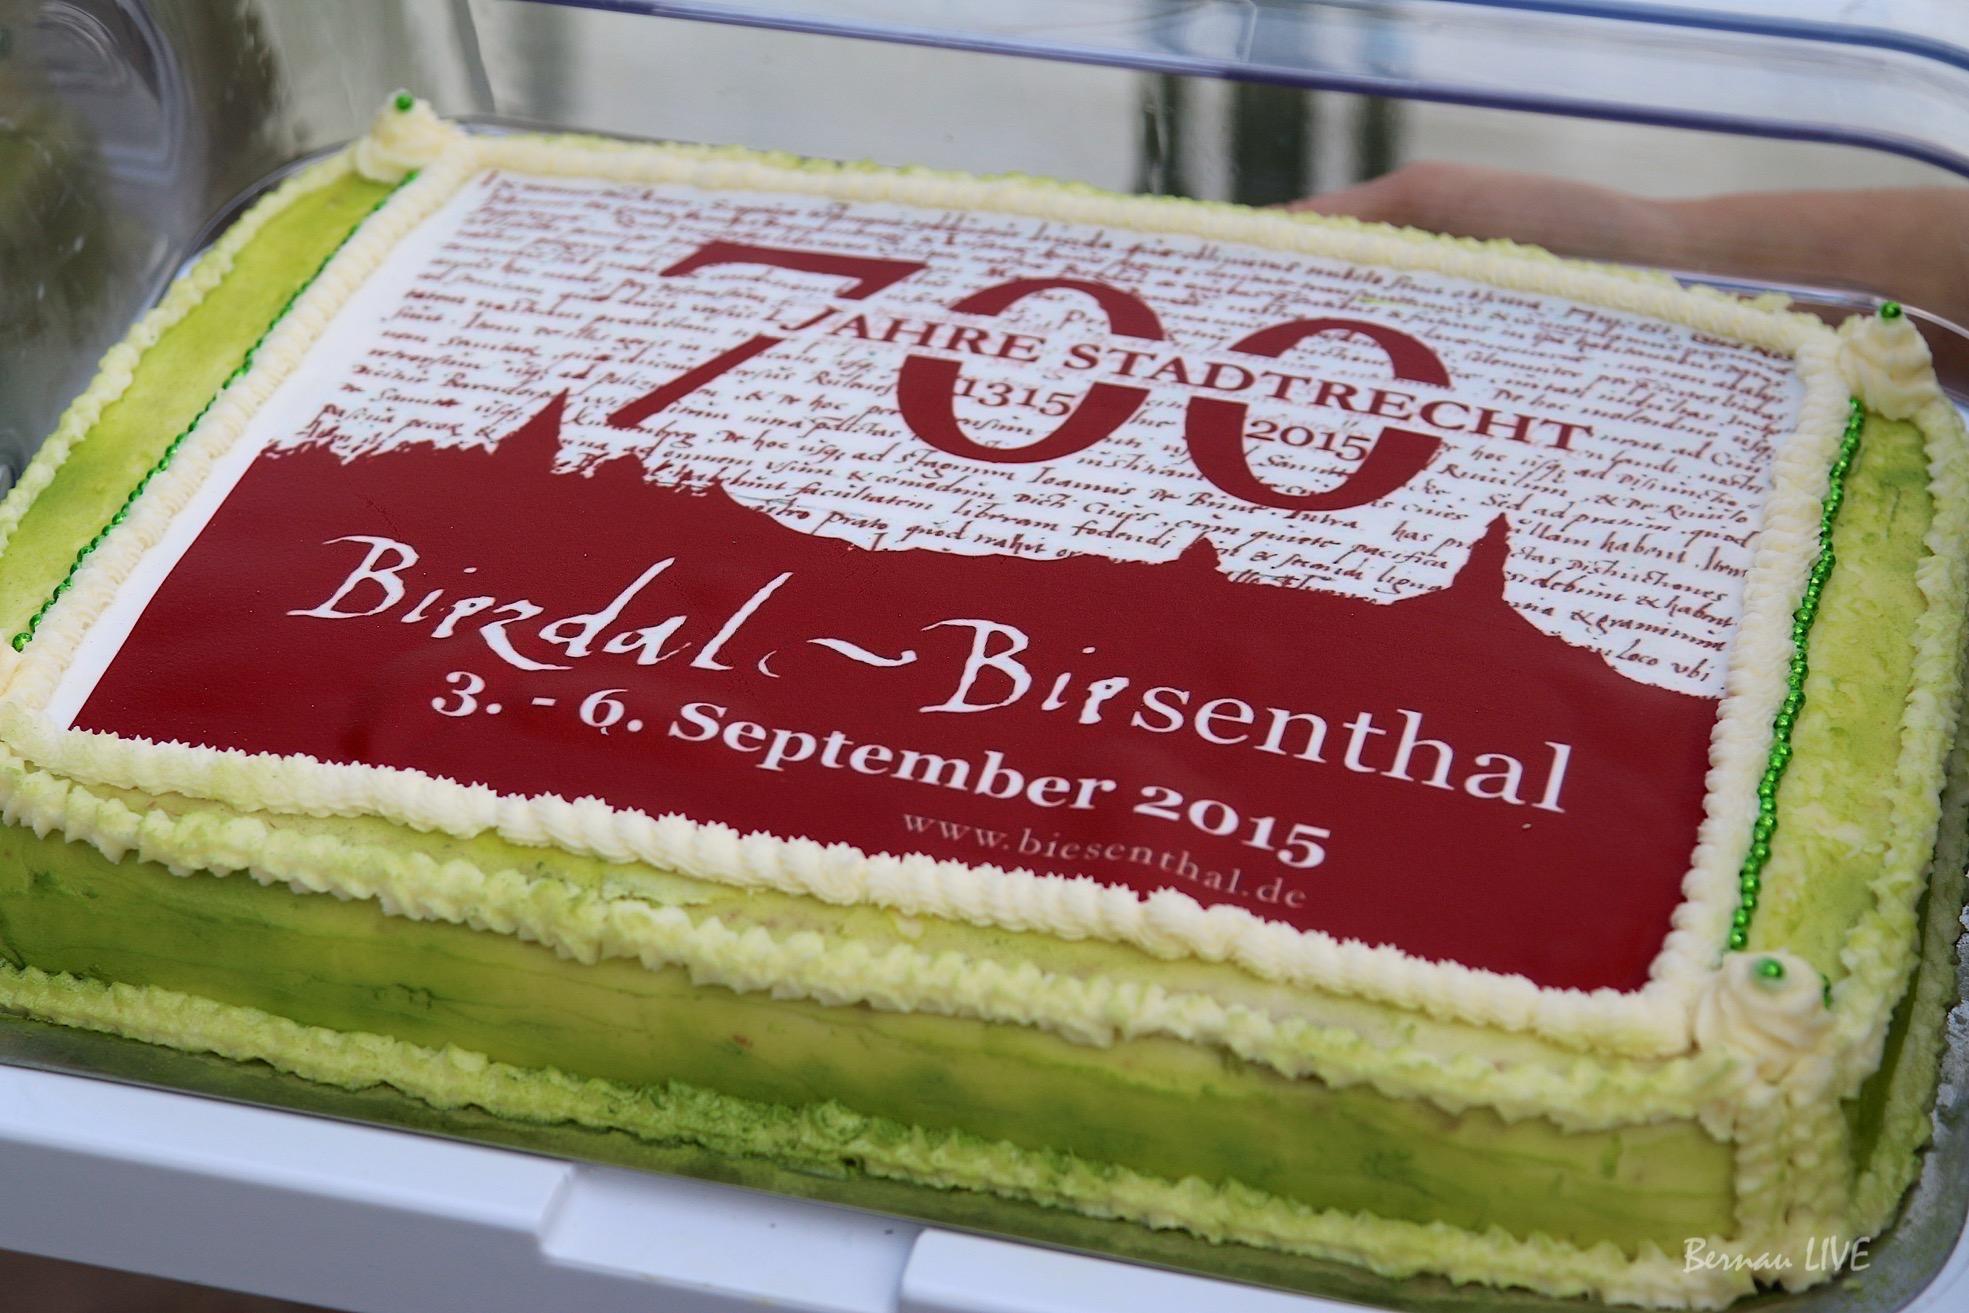 Biesenthal, 700 Jahre Stadtrecht Biesenthal, Barnim, Bernau, Bernau LIVE